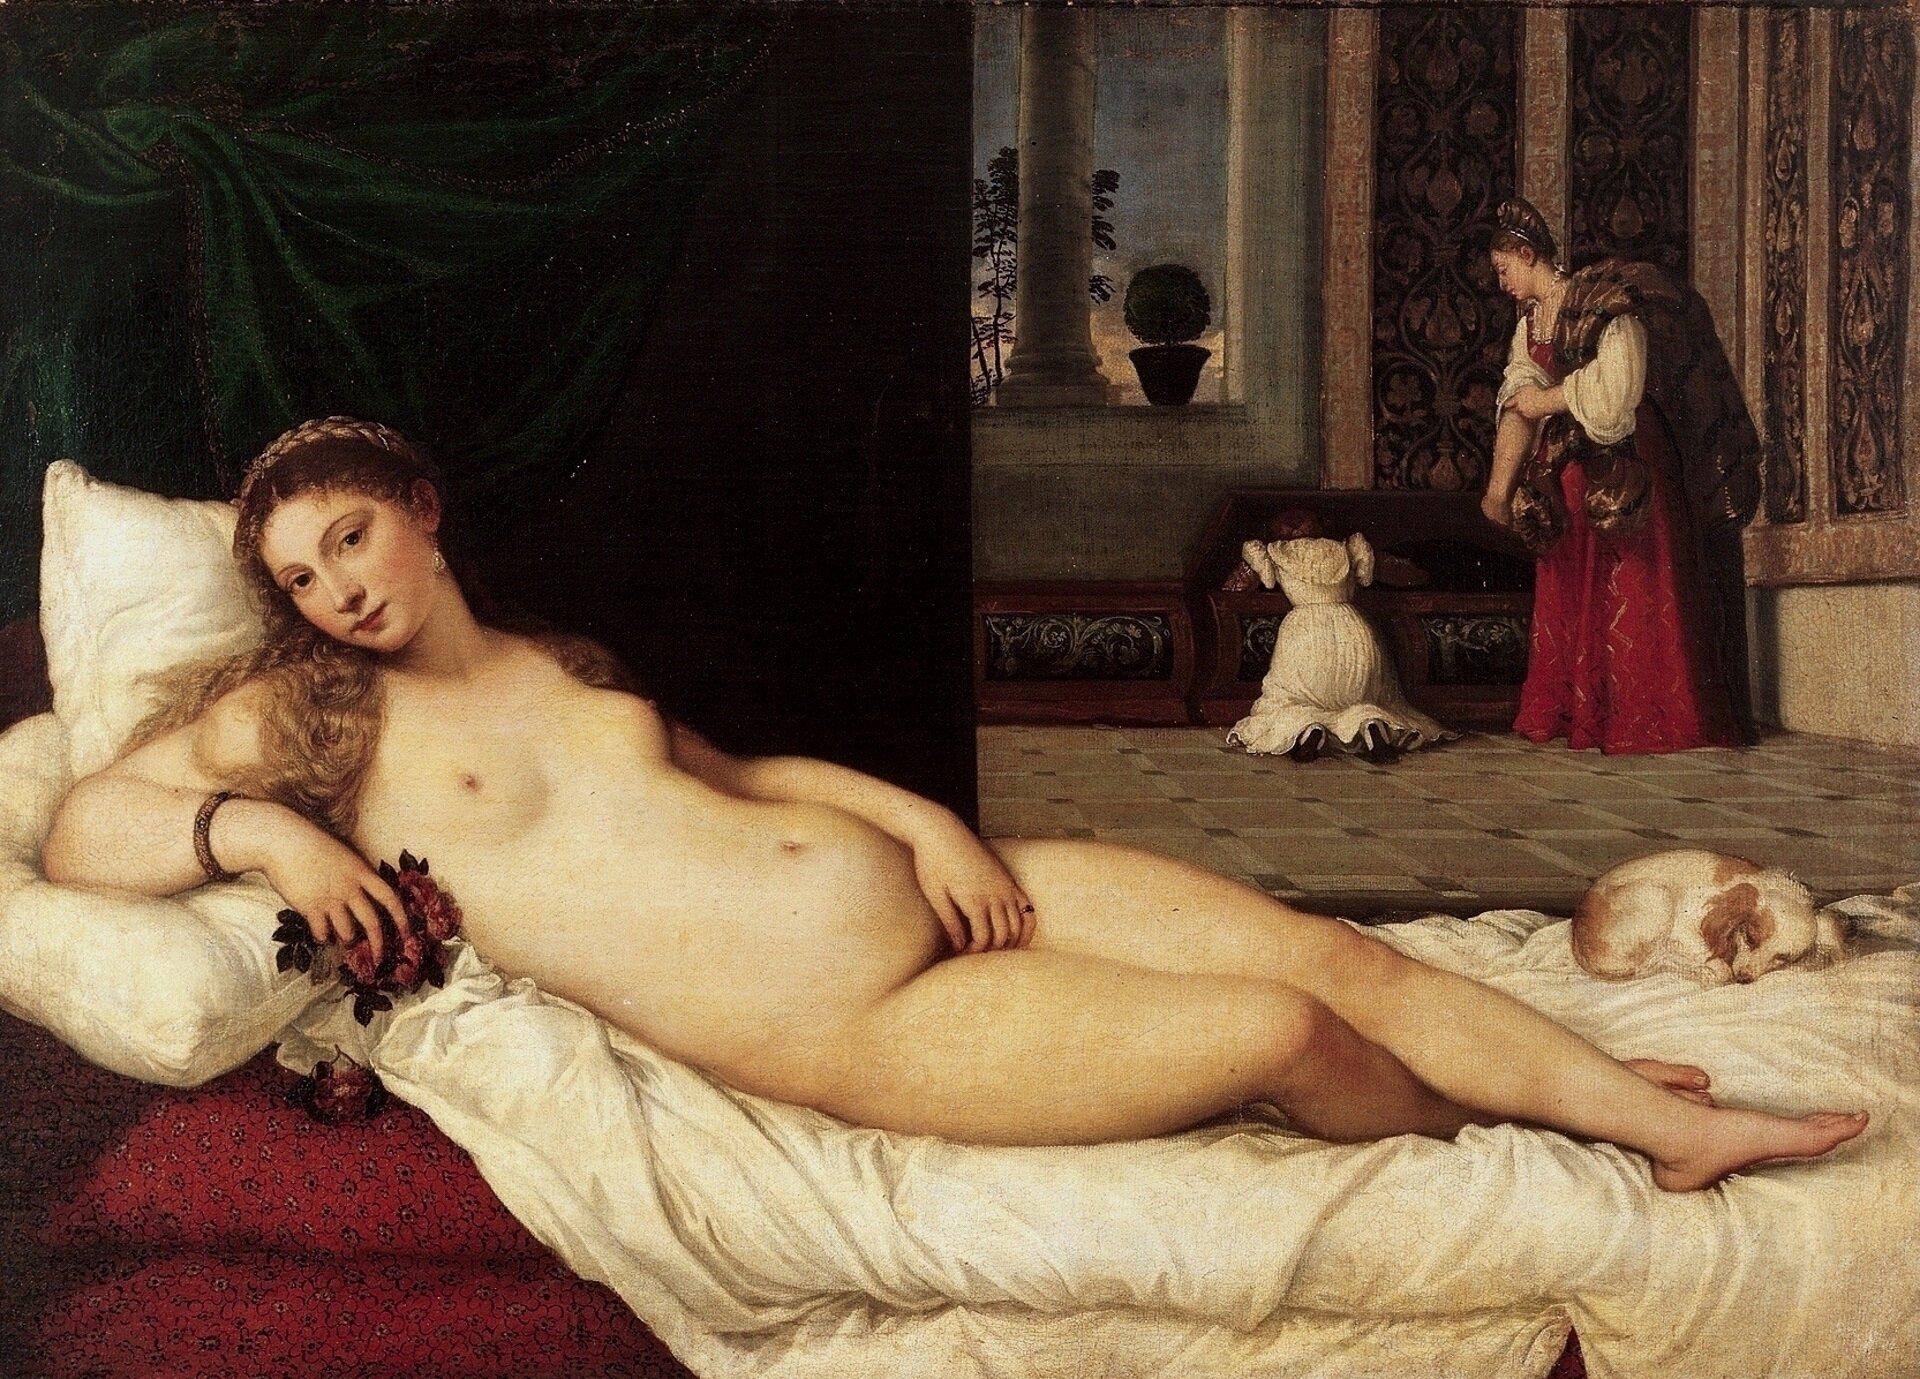 """Ilustracja okształcie poziomego prostokąta przedstawia obraz Tycjana """"Wenus zUrbino"""". Na pierwszym planie obrazu znajduje się leżąca na białym posłaniu, naga kobieta. Lewą ręką zasłania łono. Prawą rękę igłowę ma oparte na białych poduszkach, awdłoni trzyma kwiaty. Jasne włosy zdobi wianek.  Za nią na łóżku śpi mały pies. Zielona kotara znajdująca się za łóżkiem oddziela pomieszczenie od drugiego pokoju. Wjego głębi znajdują się dwie kobiety. Jedna ubrana wbiałą suknię klęczy zaglądając do skrzyni, druga stoi obok, przyglądając się jej. Ściany wnętrza pokryte są dekoracyjnymi tkaninami. Za oknem zkolumną widać niebo ifragment drzewa, ana parapecie stoi doniczka zkwiatem."""